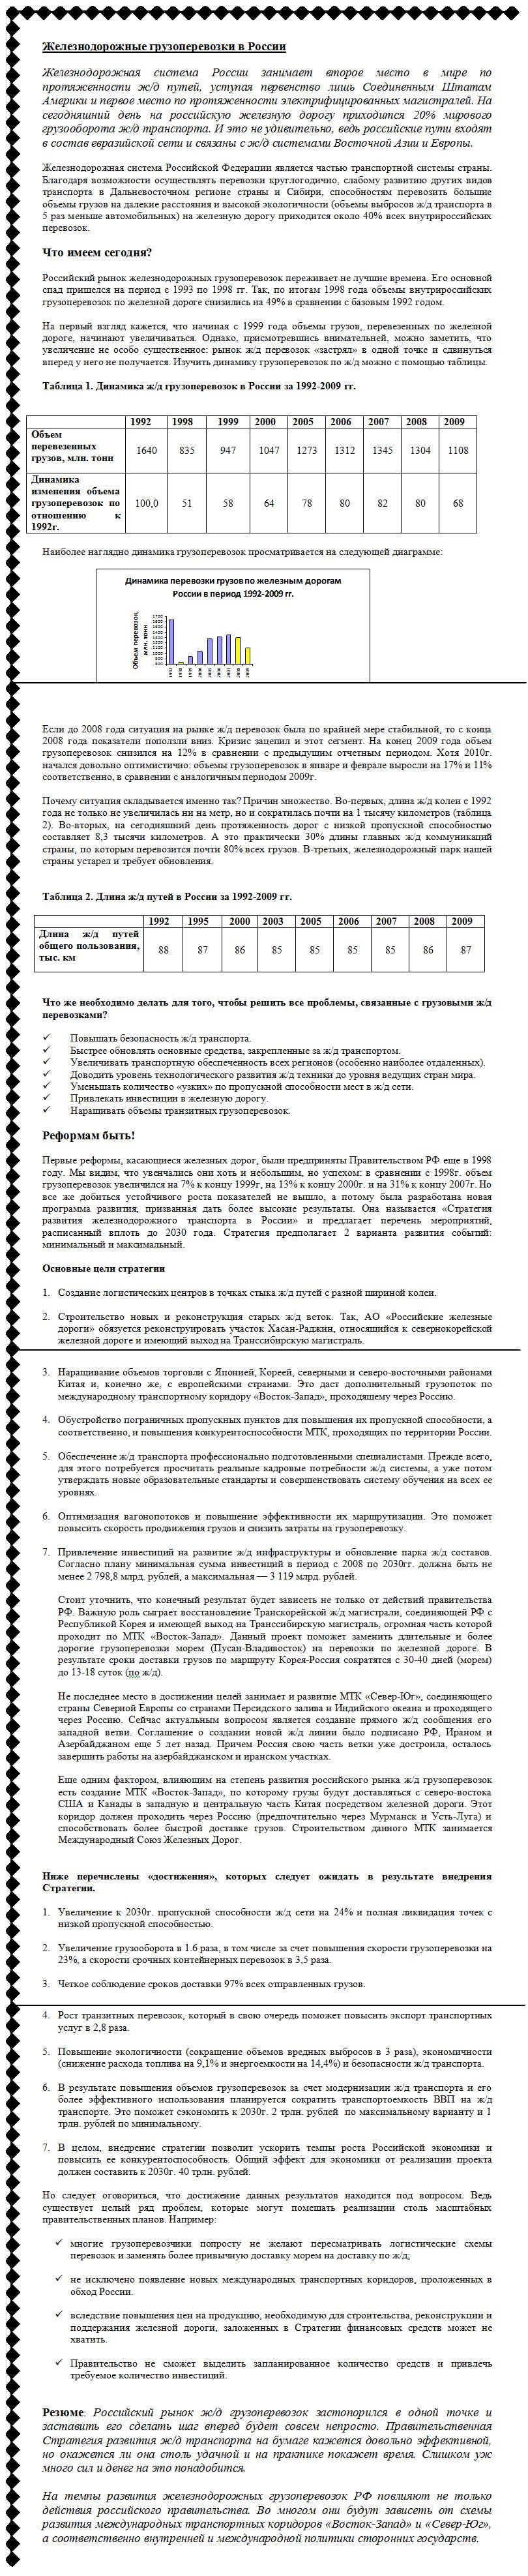 Железнодорожные грузоперевозки России, аналитика